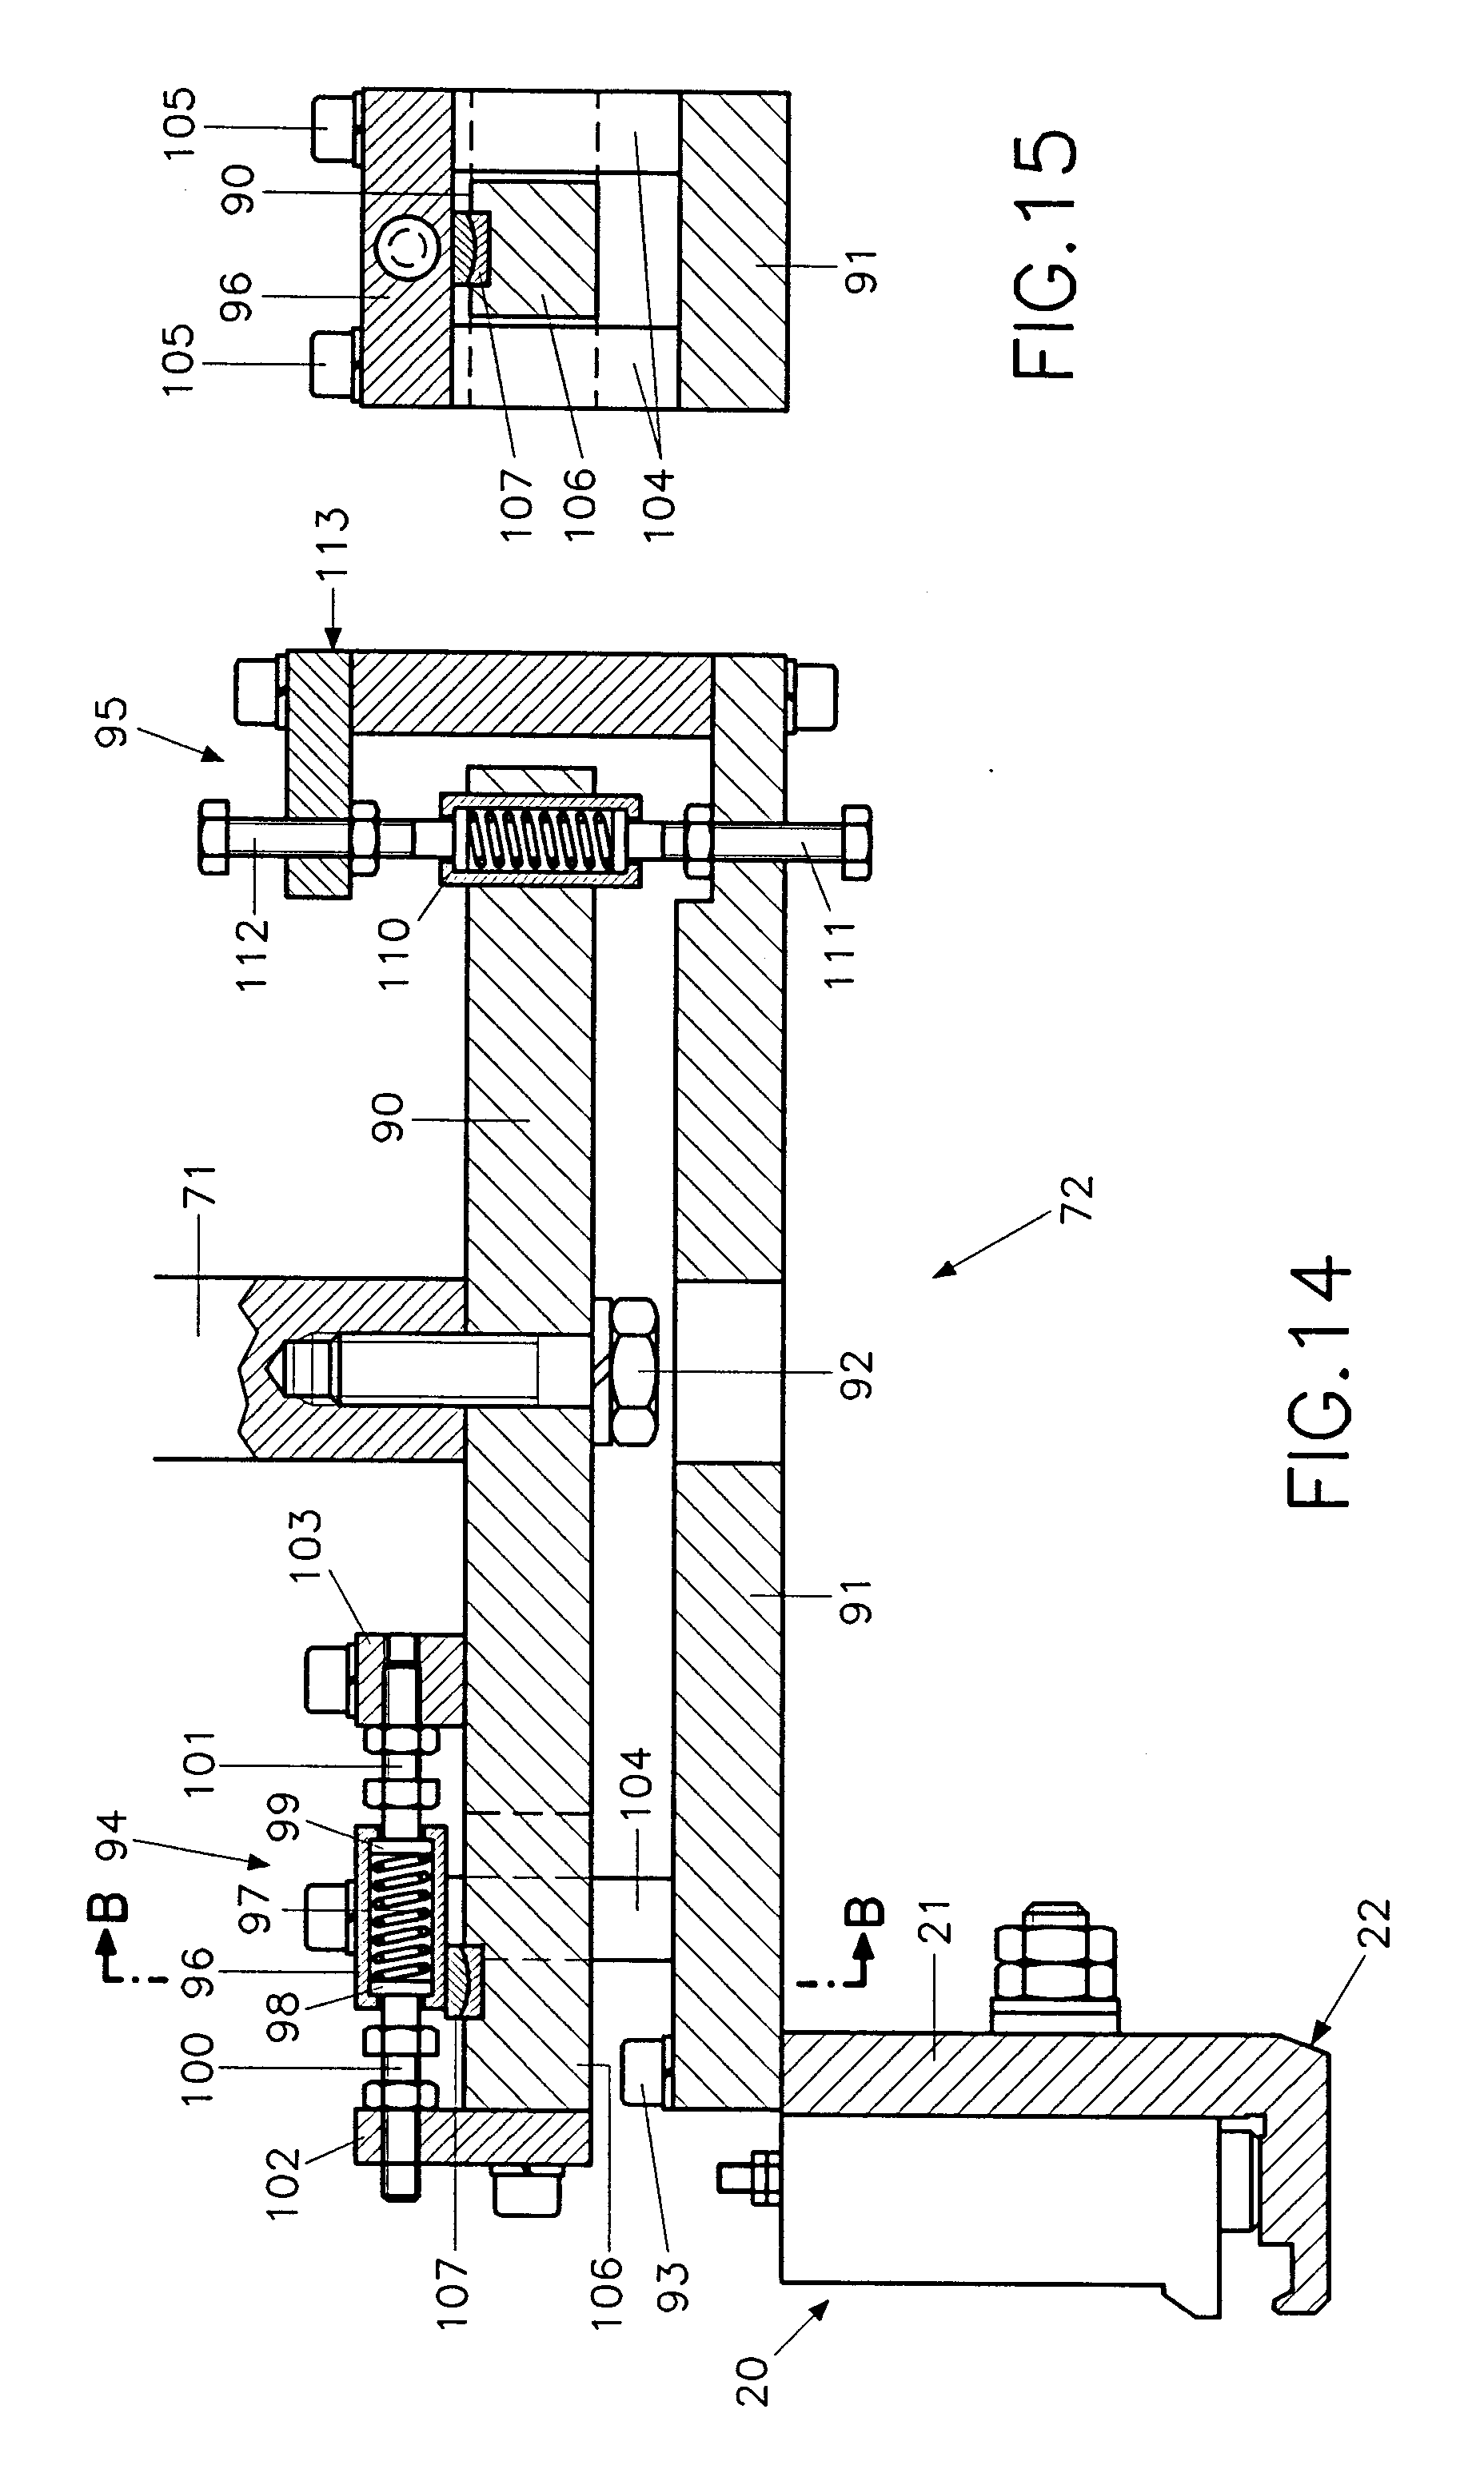 patente ep0624411a1 verfahren zum biegen von blechen und abkantpresse zur durchf hrung des. Black Bedroom Furniture Sets. Home Design Ideas